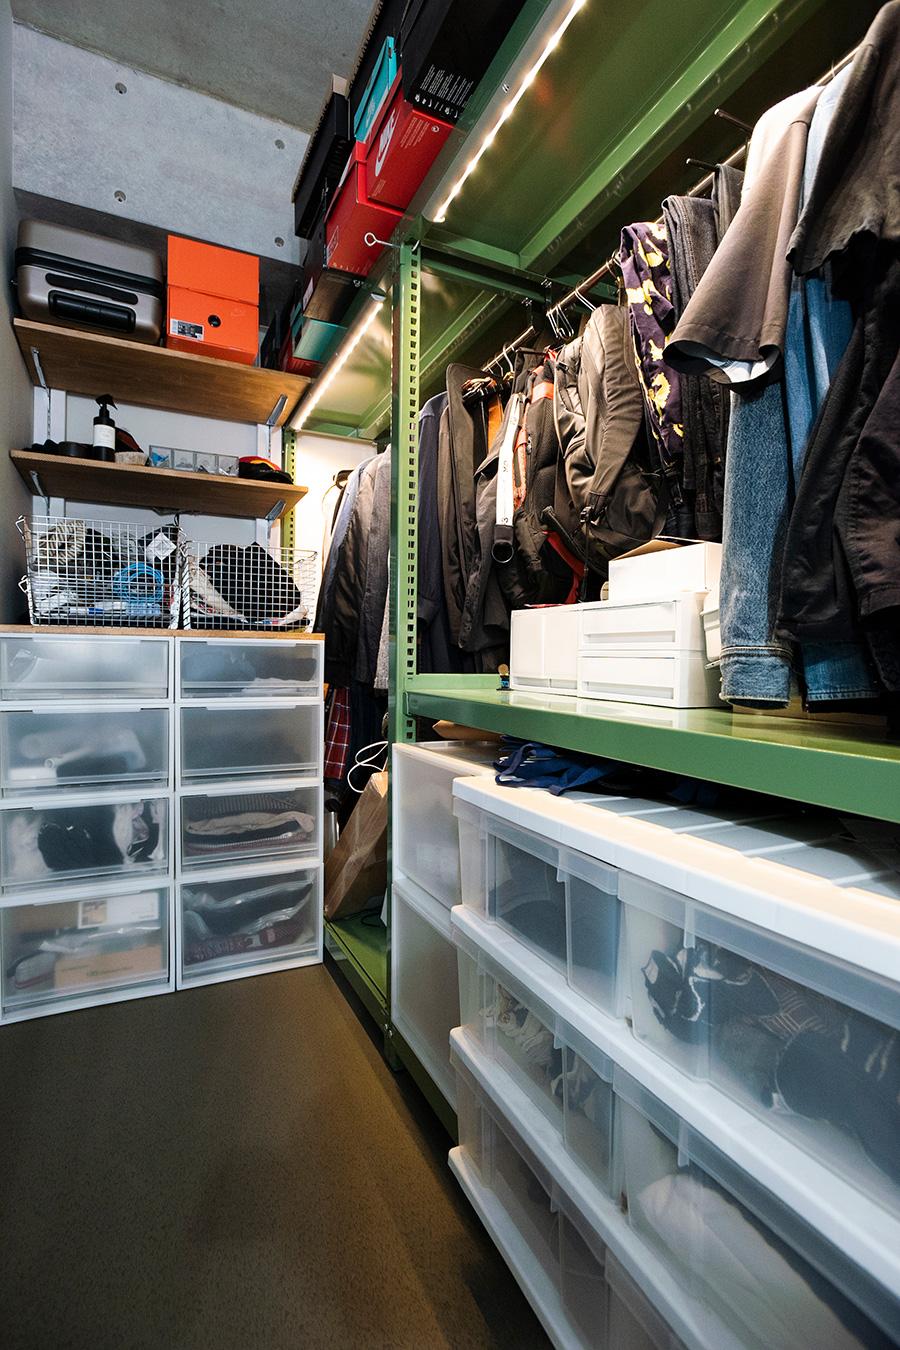 たくさん持っている衣類を収めるクローゼット。ライトバーも取り付けた。